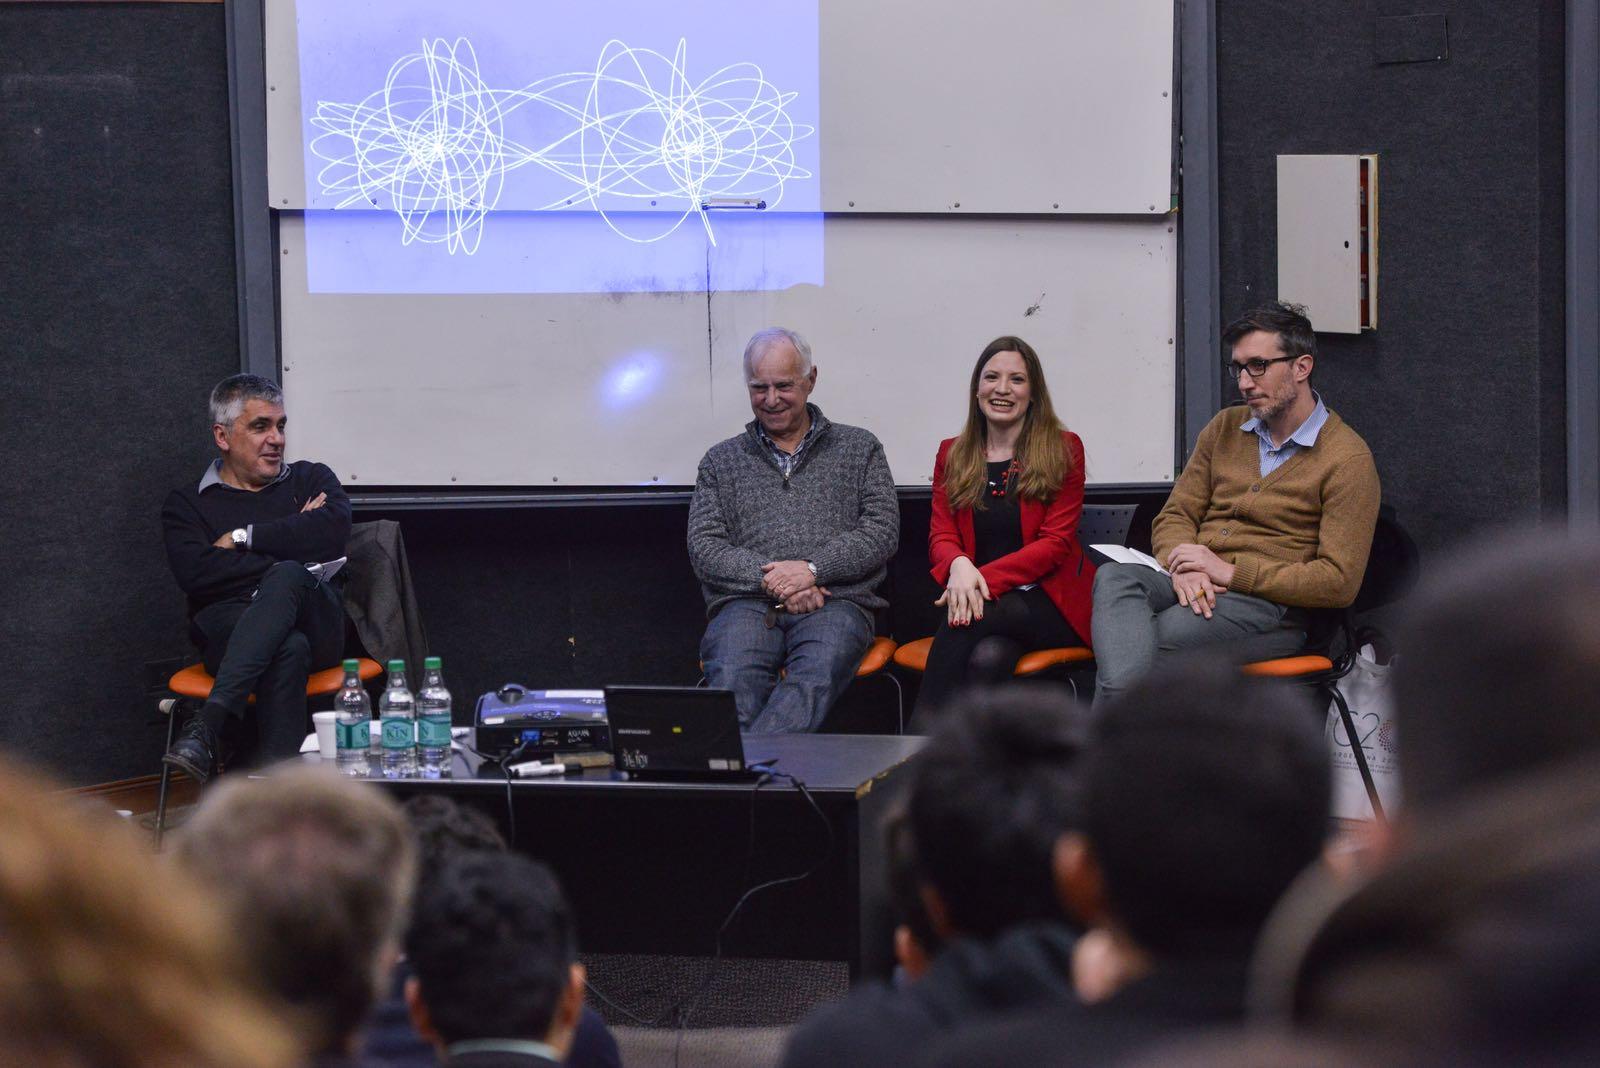 Martín Rapetti (CIPPEC) en el encuentro sobre la nueva economía global, junto a los economistas Daniel Heymann (IIEP), Laura Jaitmann (G20) y Andrés López (UBA).